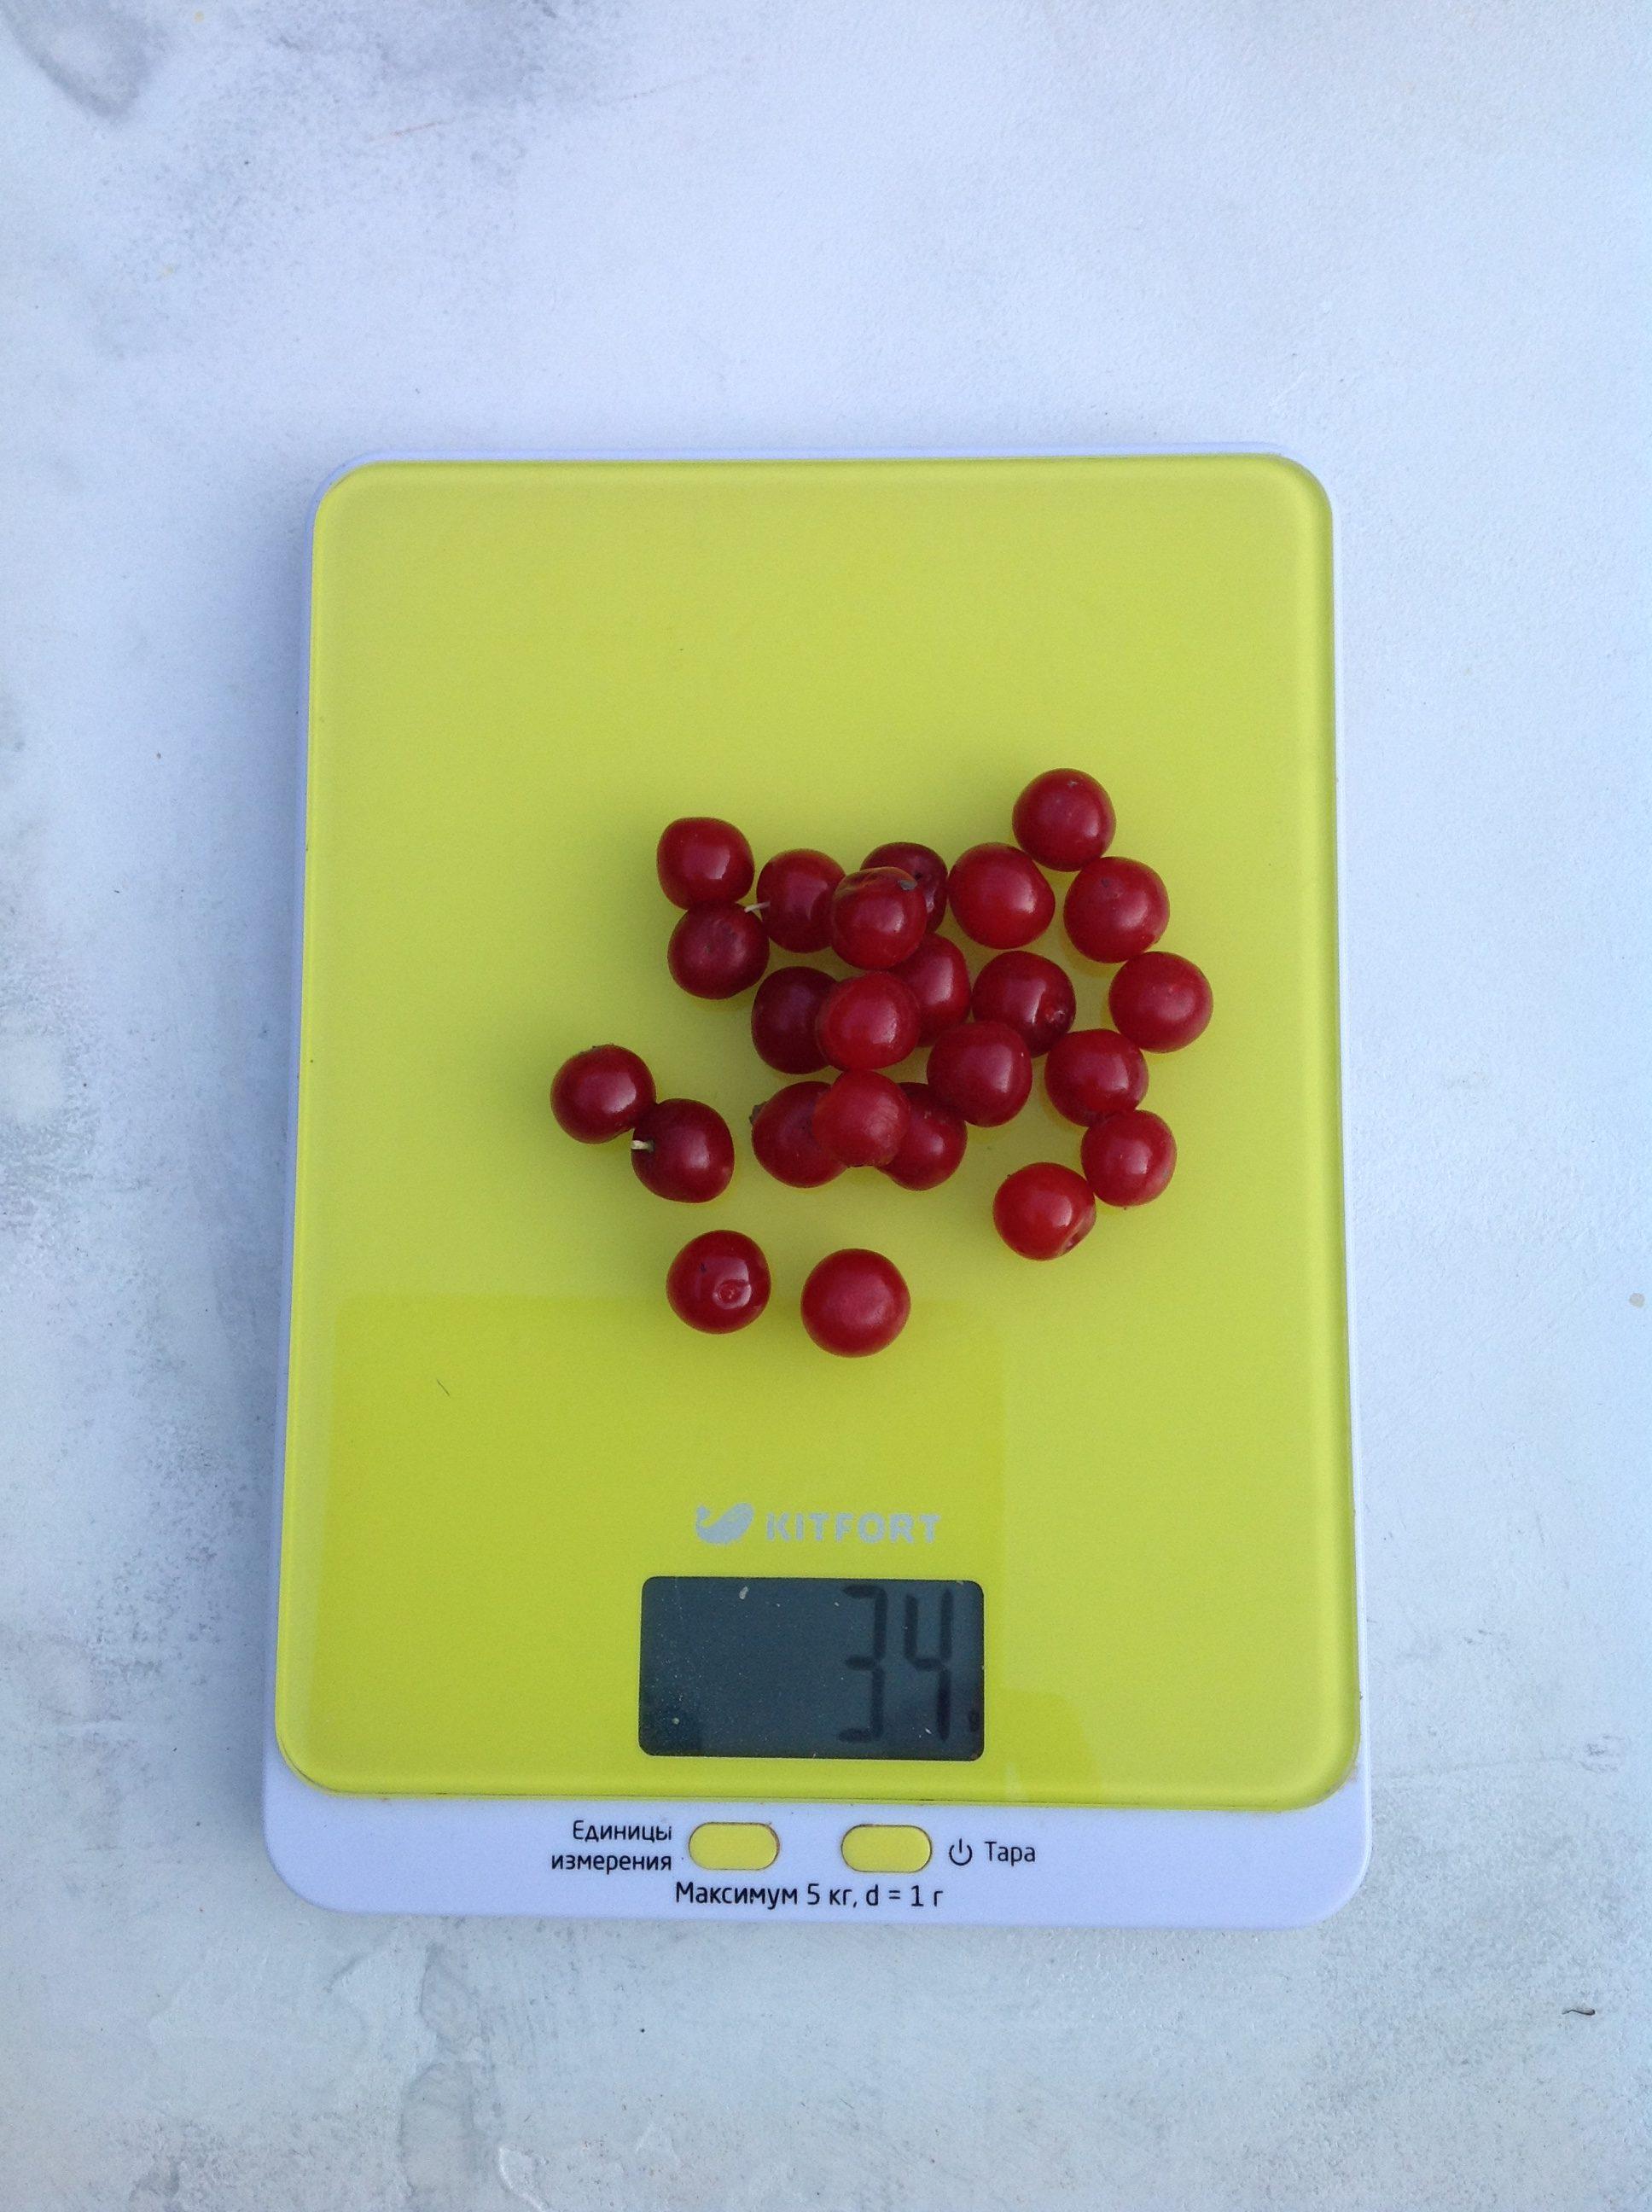 вес горсти вишни войлочной